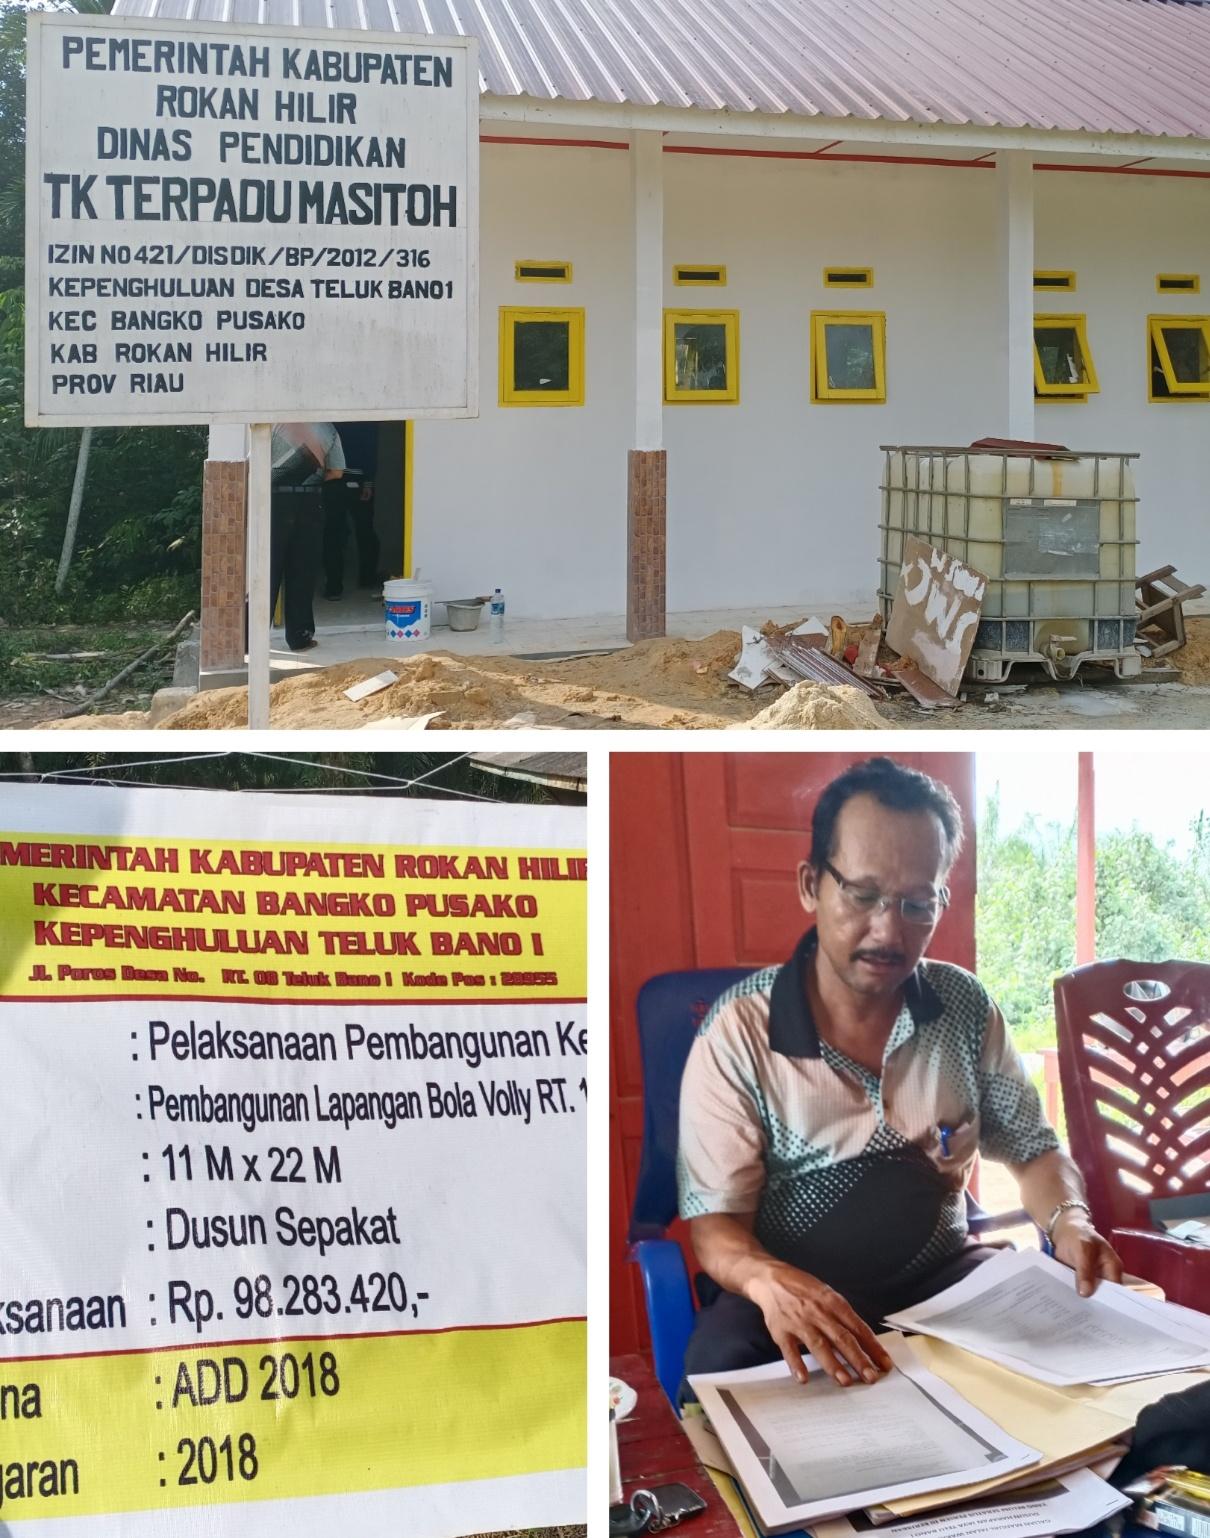 BPKep Laporkan Penghulu Teluk Bano I ke Inspektorat dan Polisi